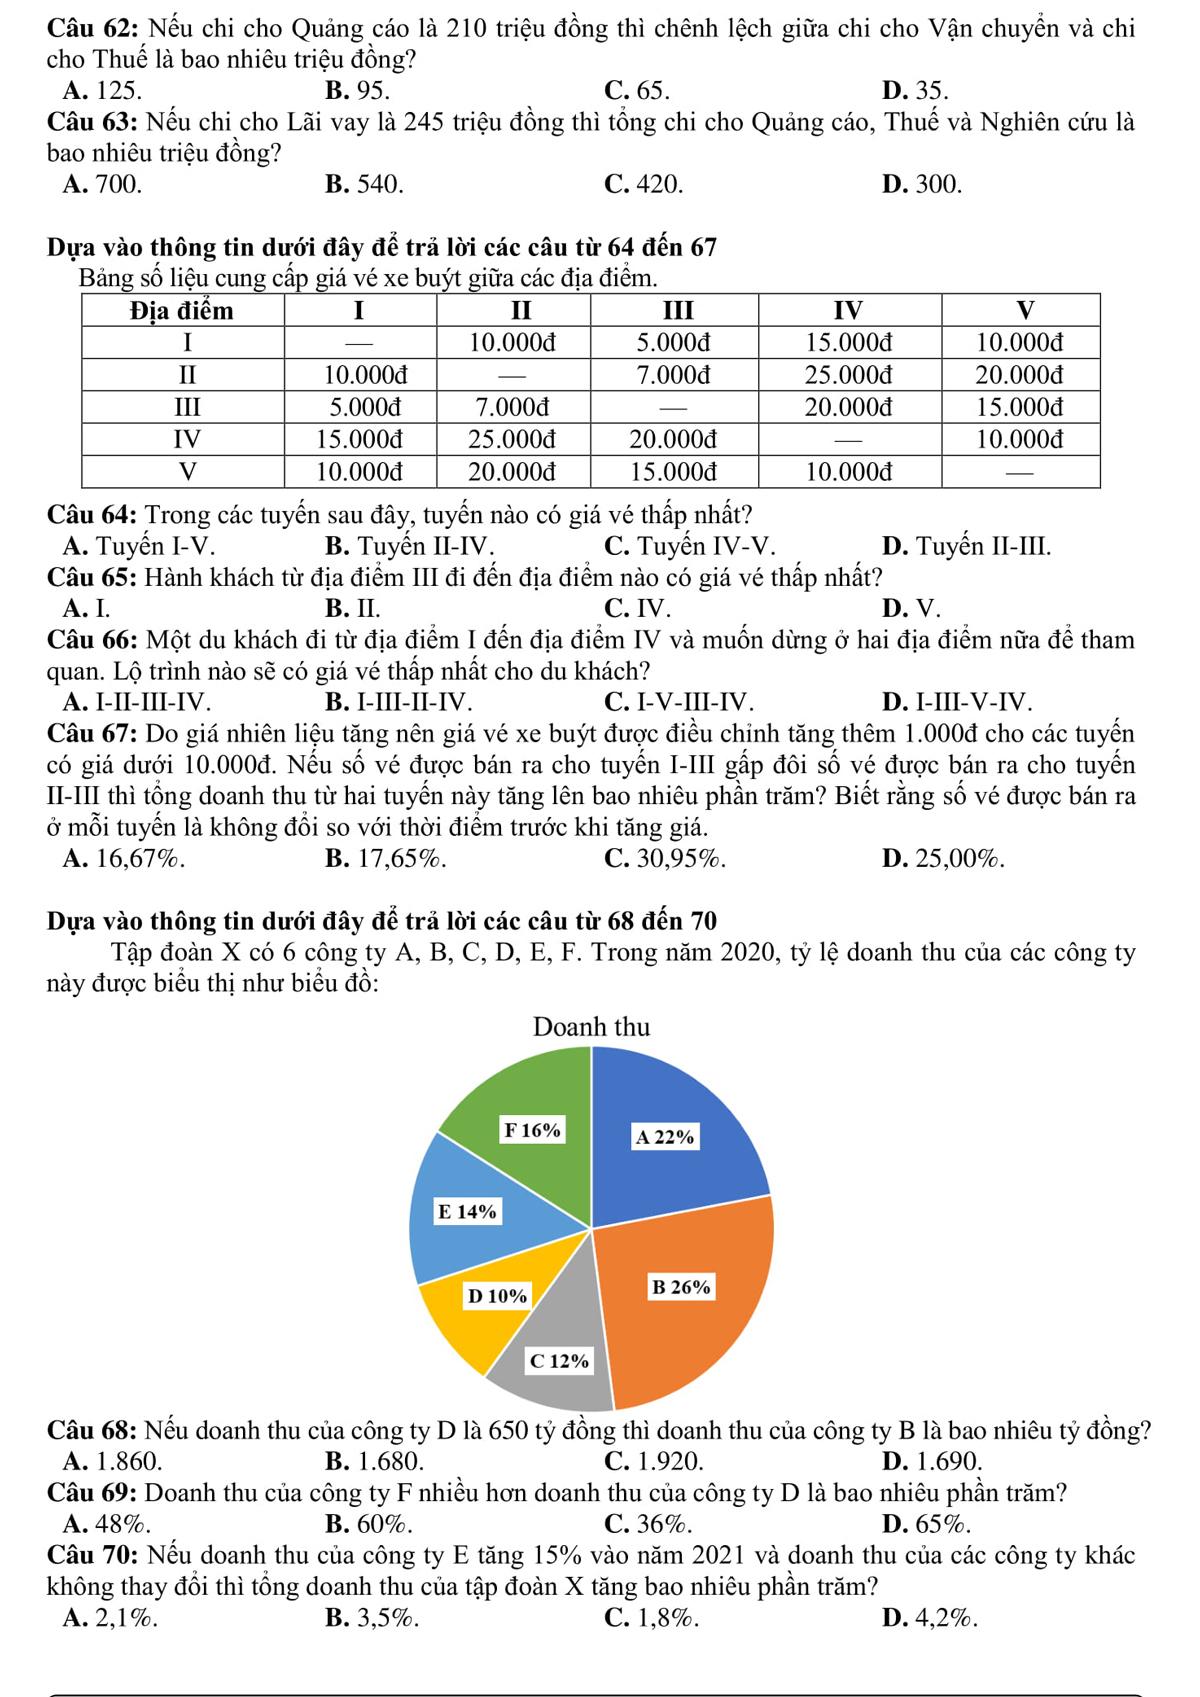 Đề mẫu thi đánh giá năng lực của ĐH Quốc gia TP.HCM